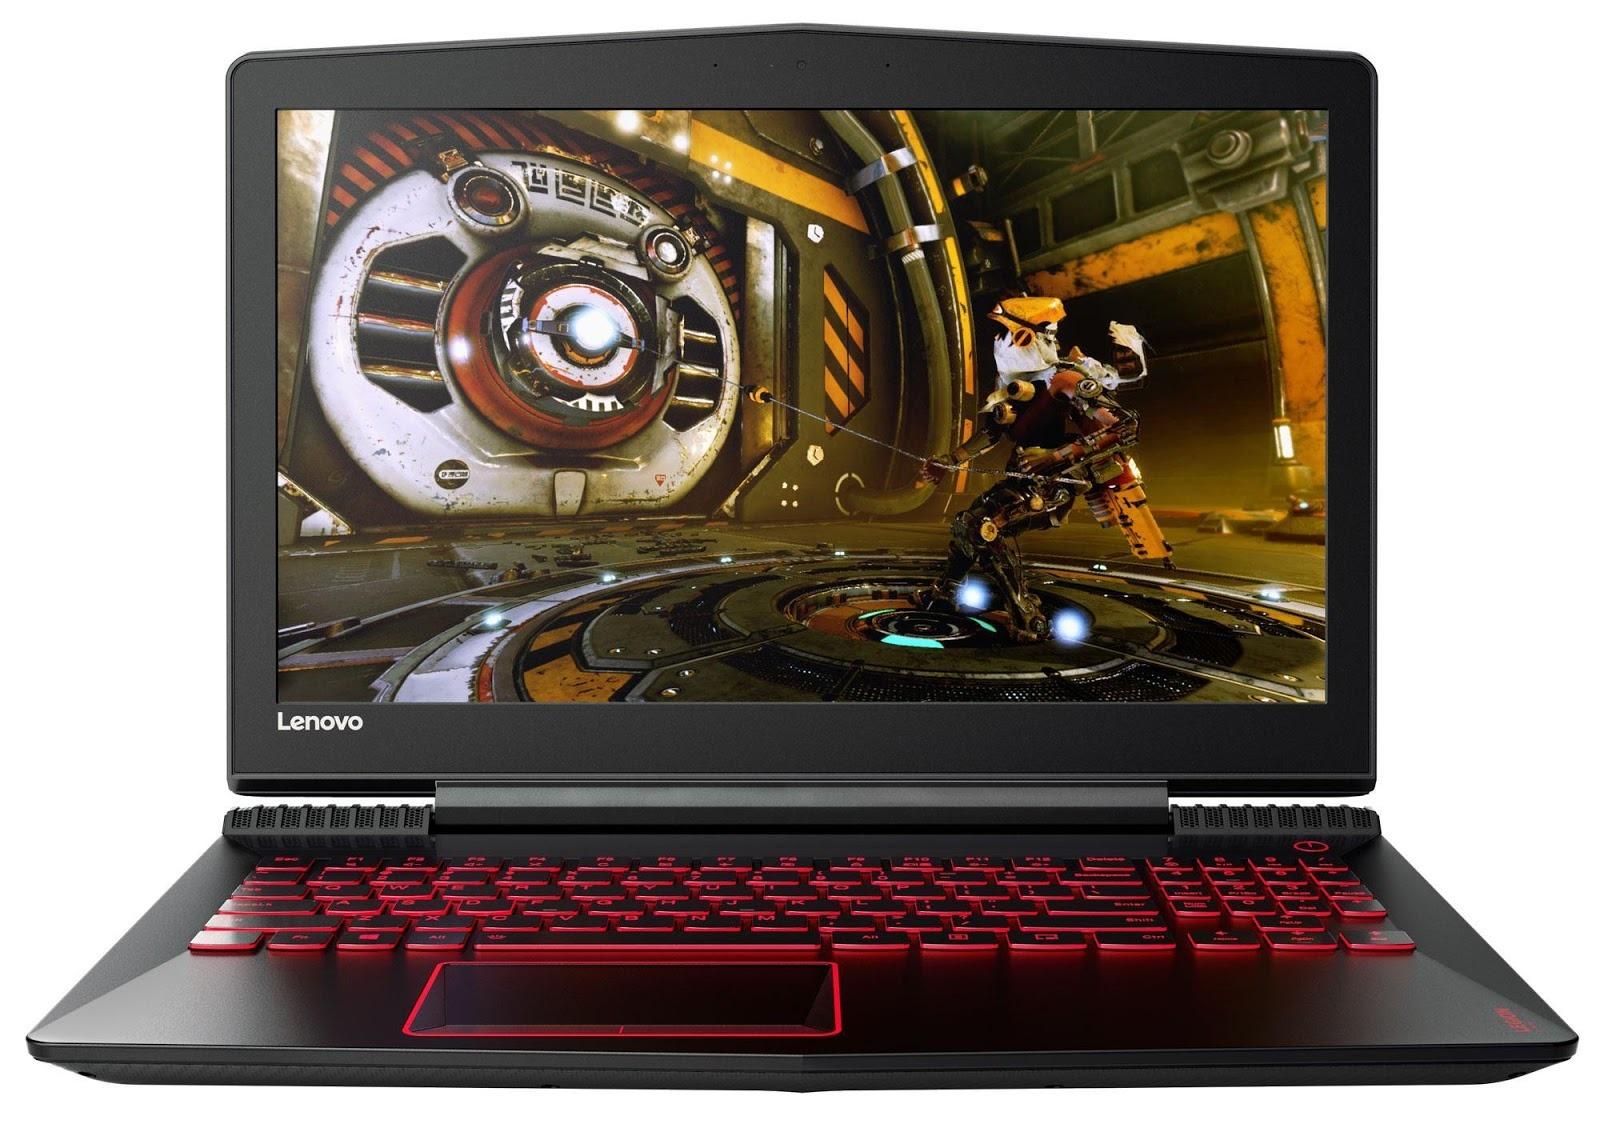 Фото 2. Ноутбук Lenovo Legion Y520-15IKBM Black (80YY00AHRU)